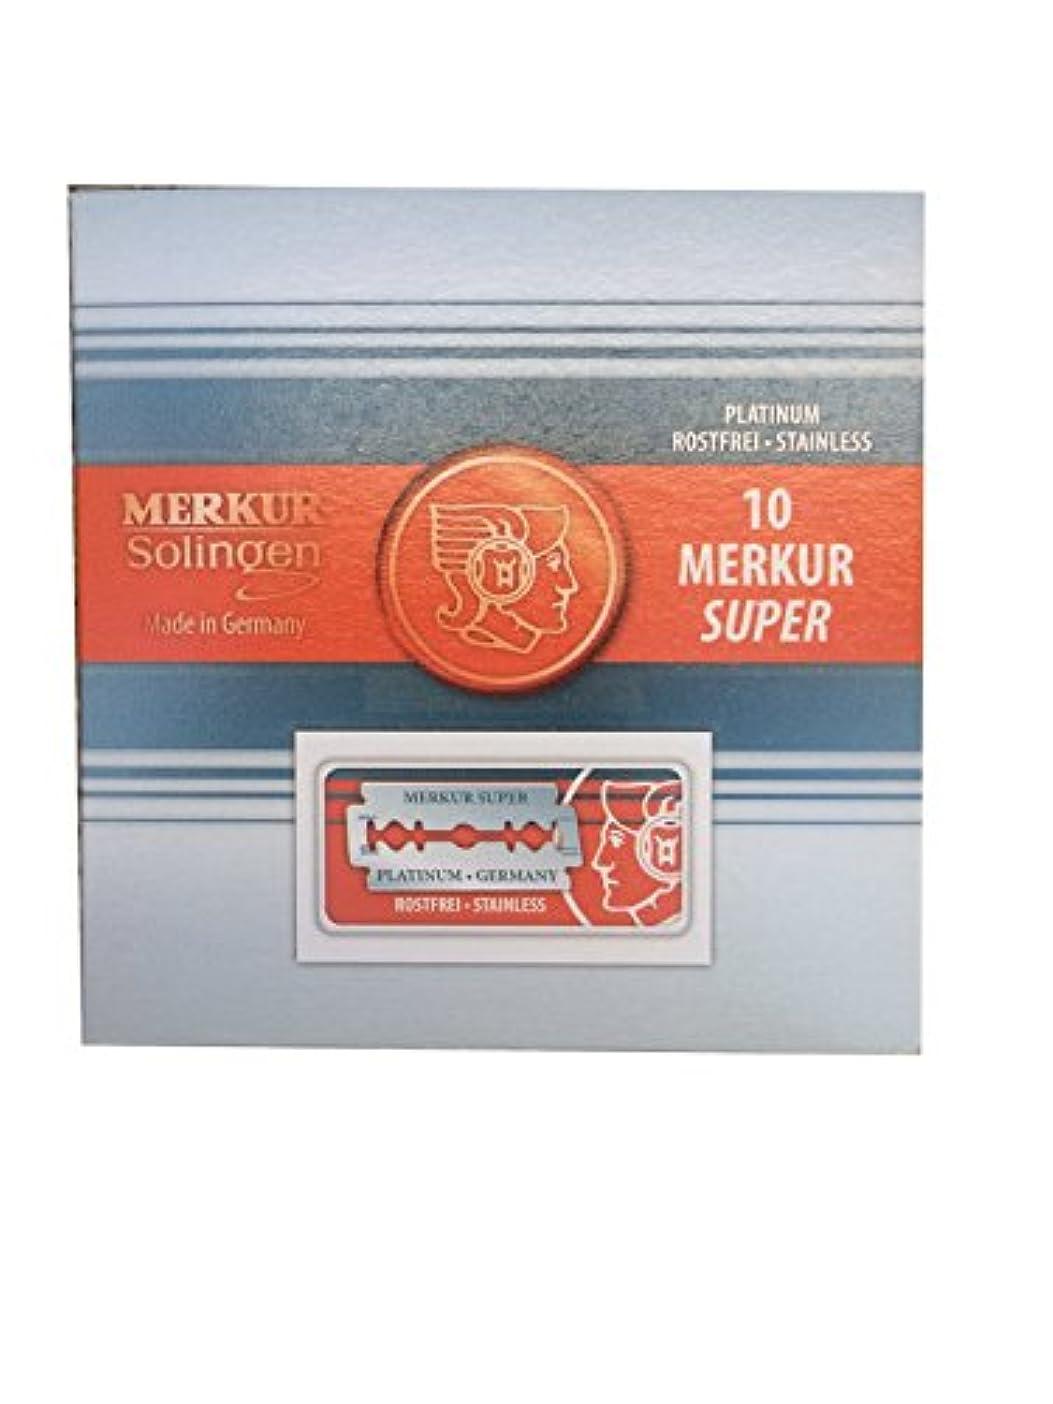 許可する喜び美しいMerkur Super Platinum 両刃替刃 100枚入り(10枚入り10 個セット)【並行輸入品】